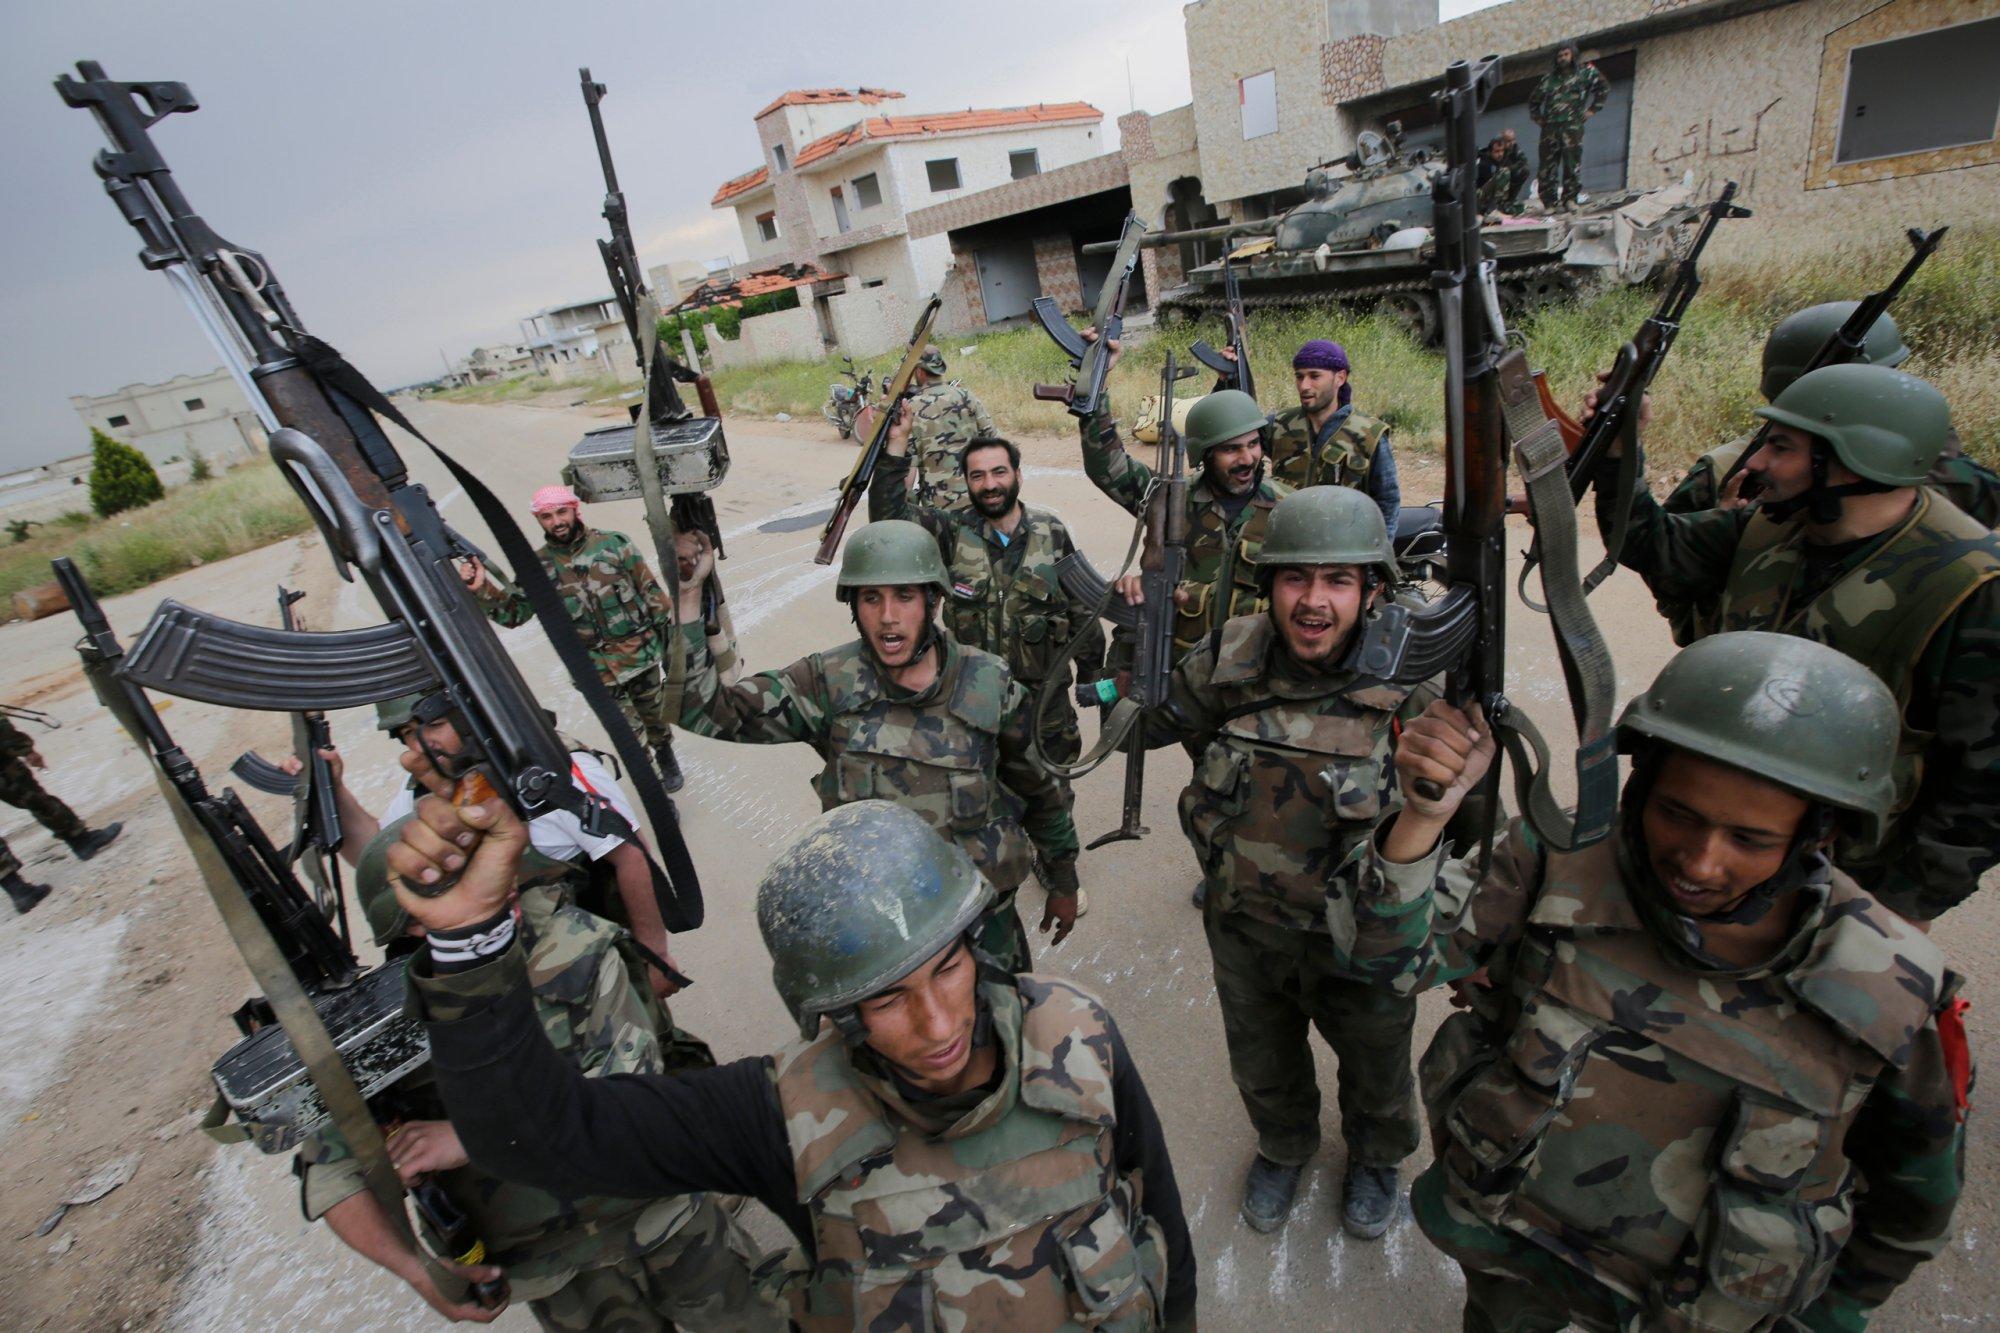 بالصور اقوي جيش في العالم , قائمة باقوي الجيوش في العالم 2968 8